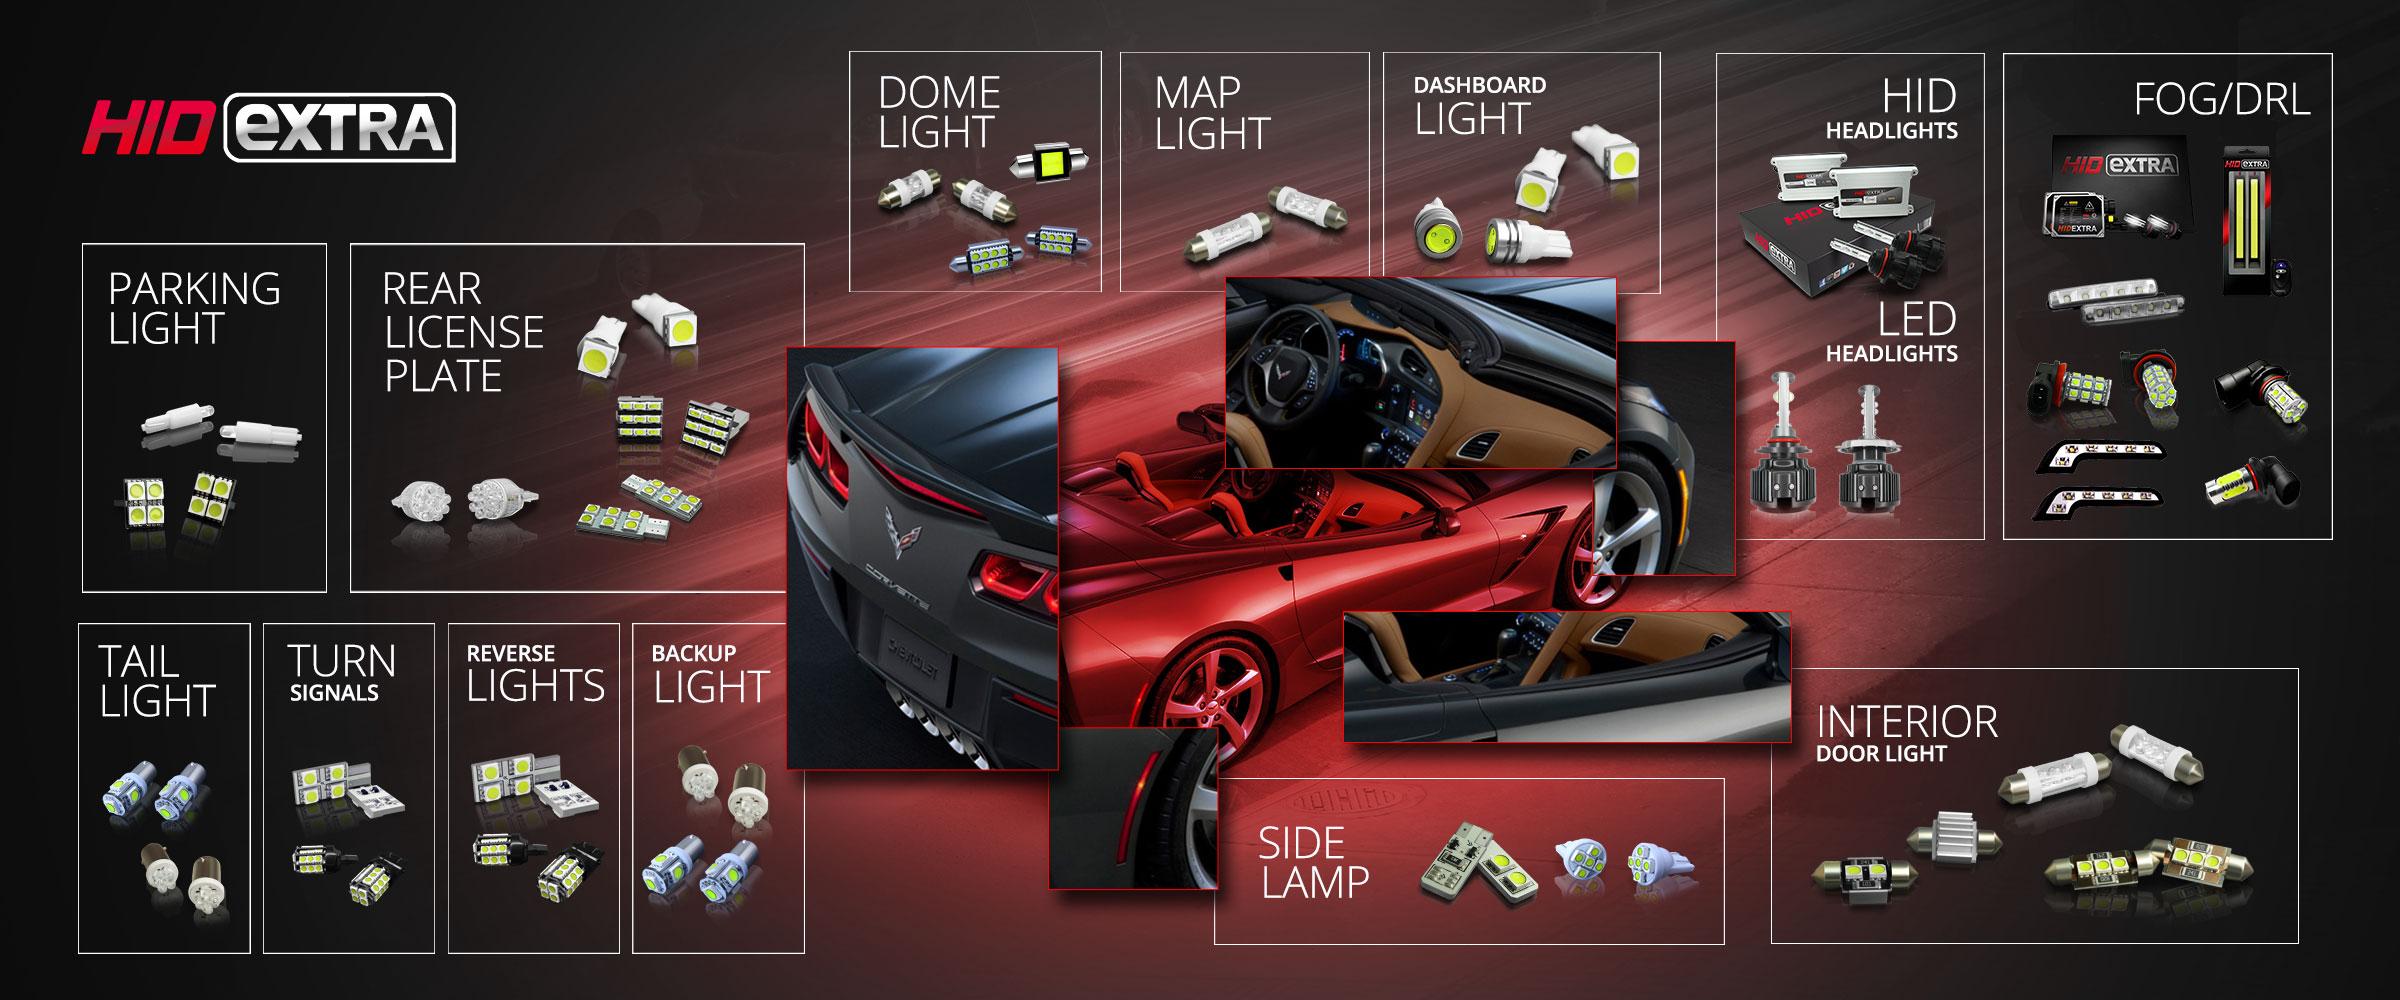 Automotive Bulb Guide For Cars Hidextra Com